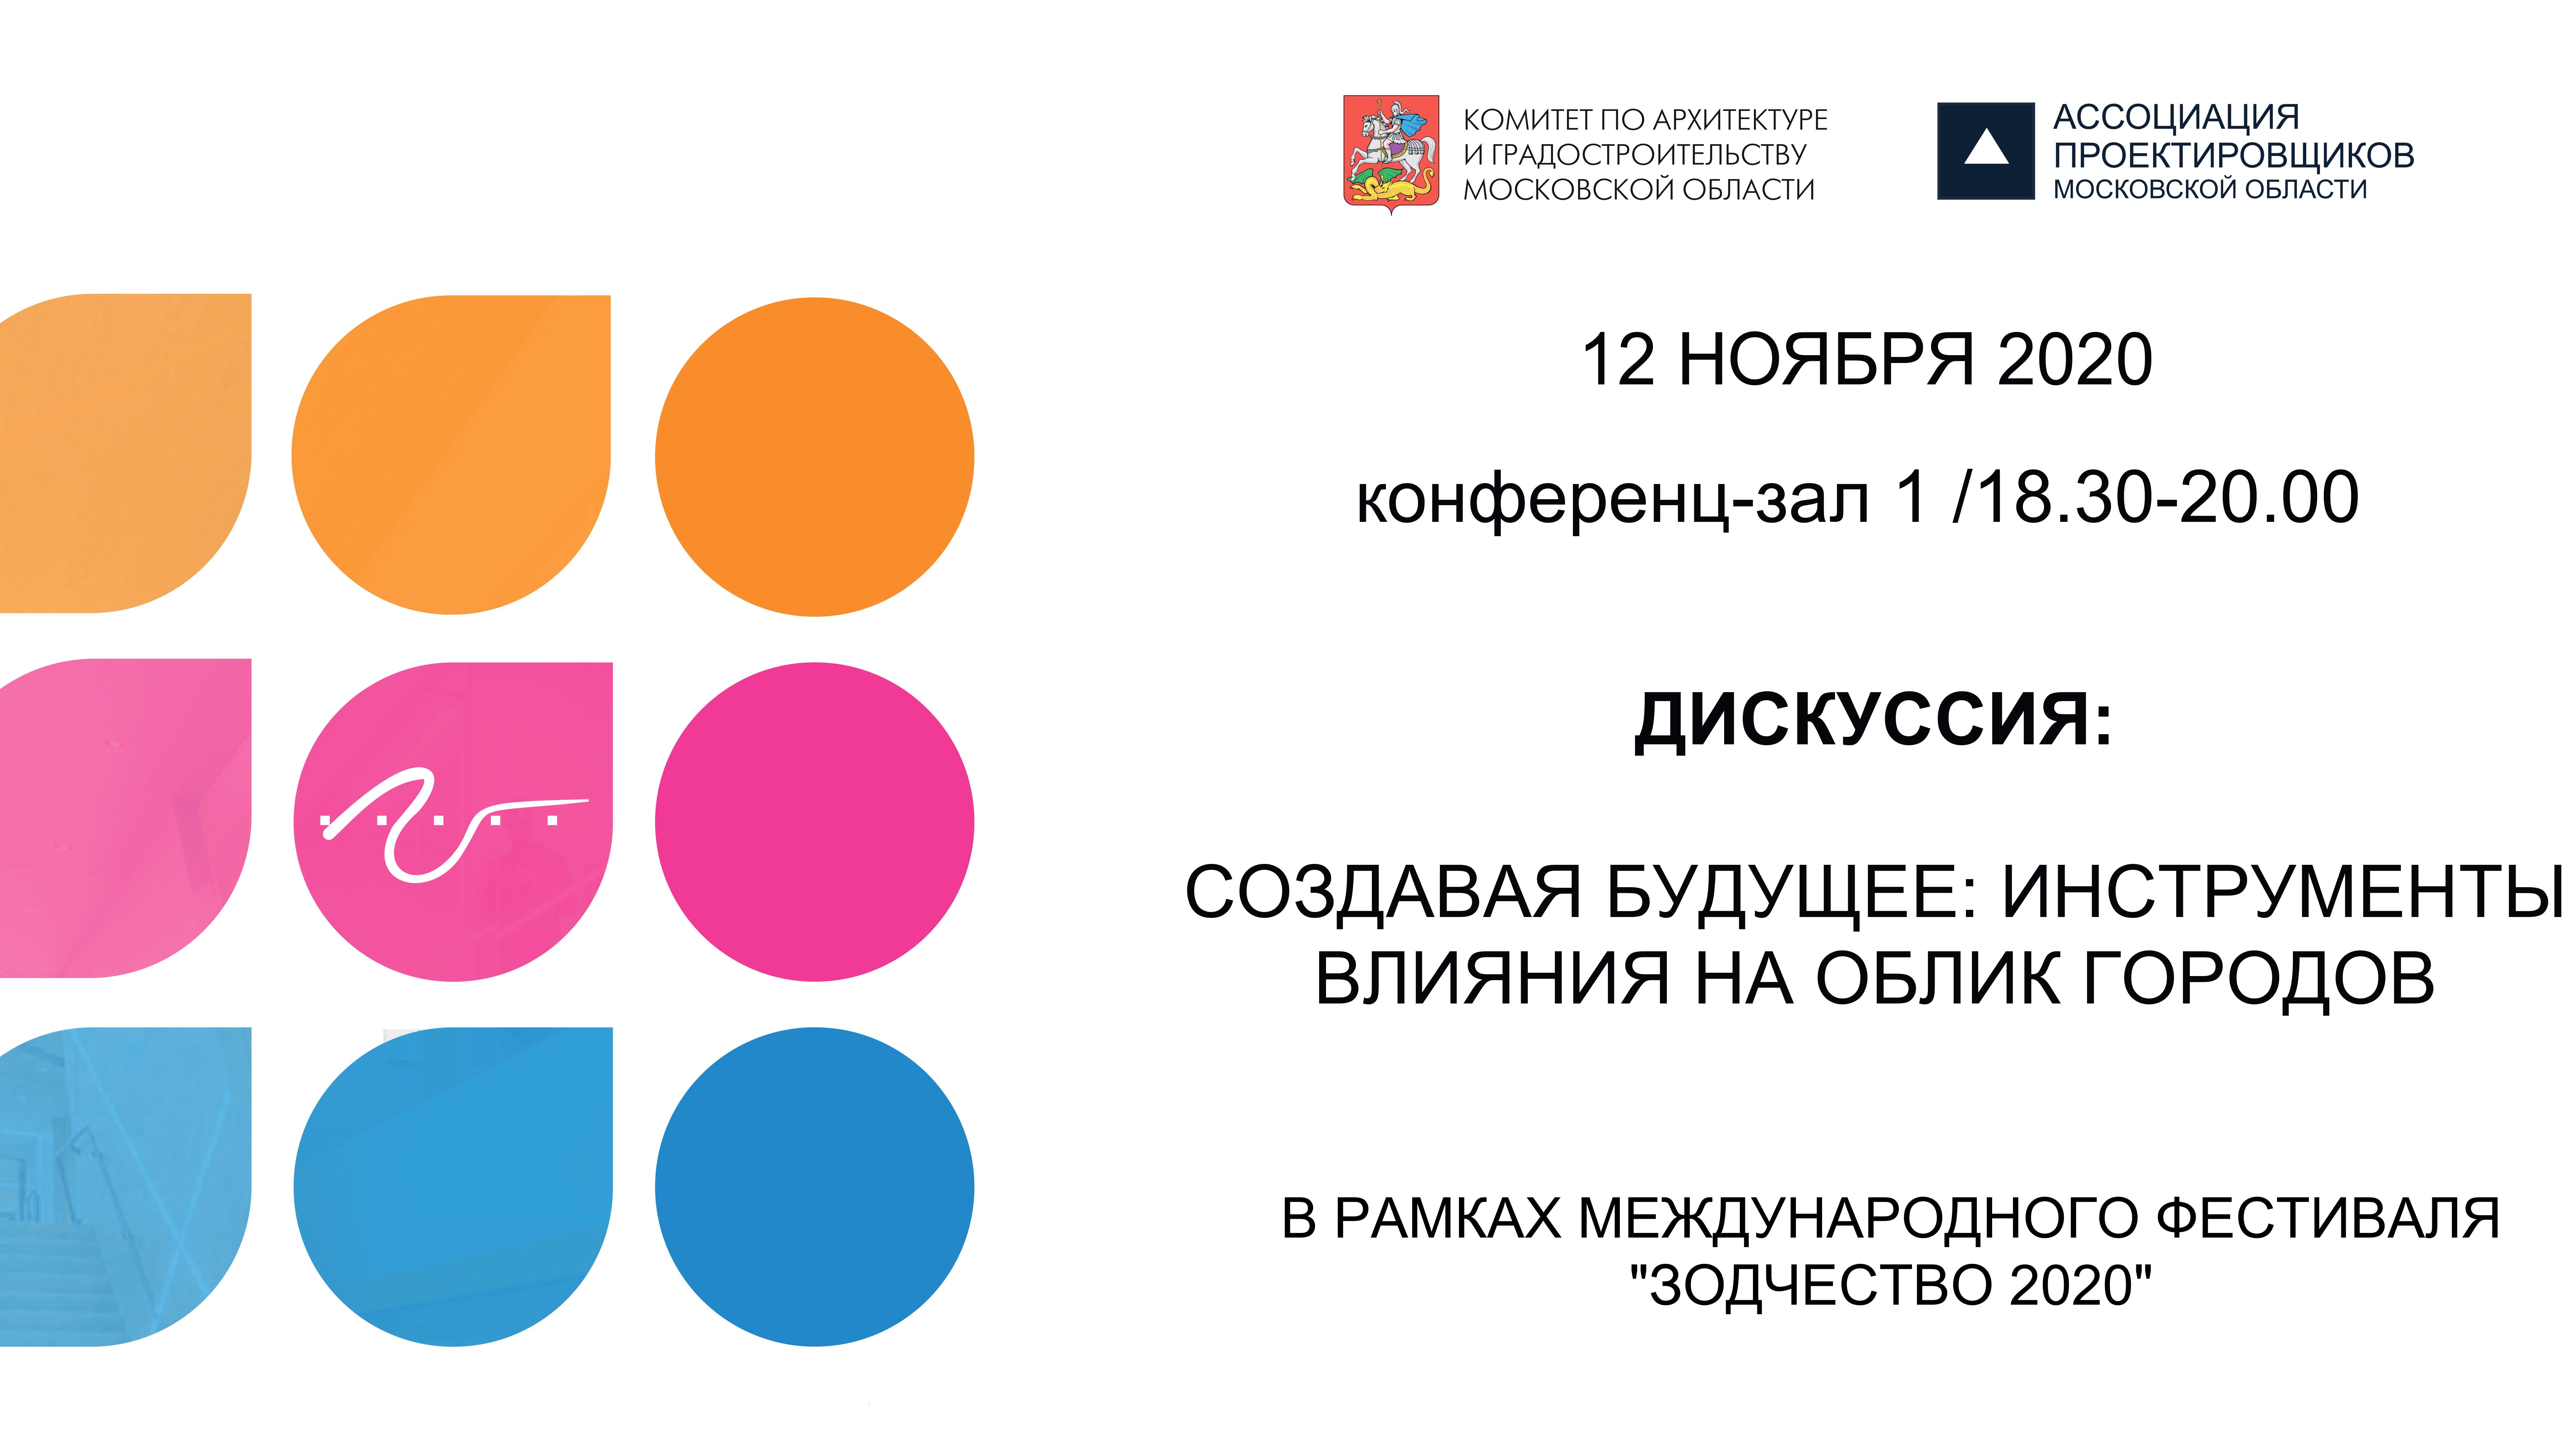 Мособлархитектура организует дискуссию в рамках фестиваля «Зодчество» 12 ноября